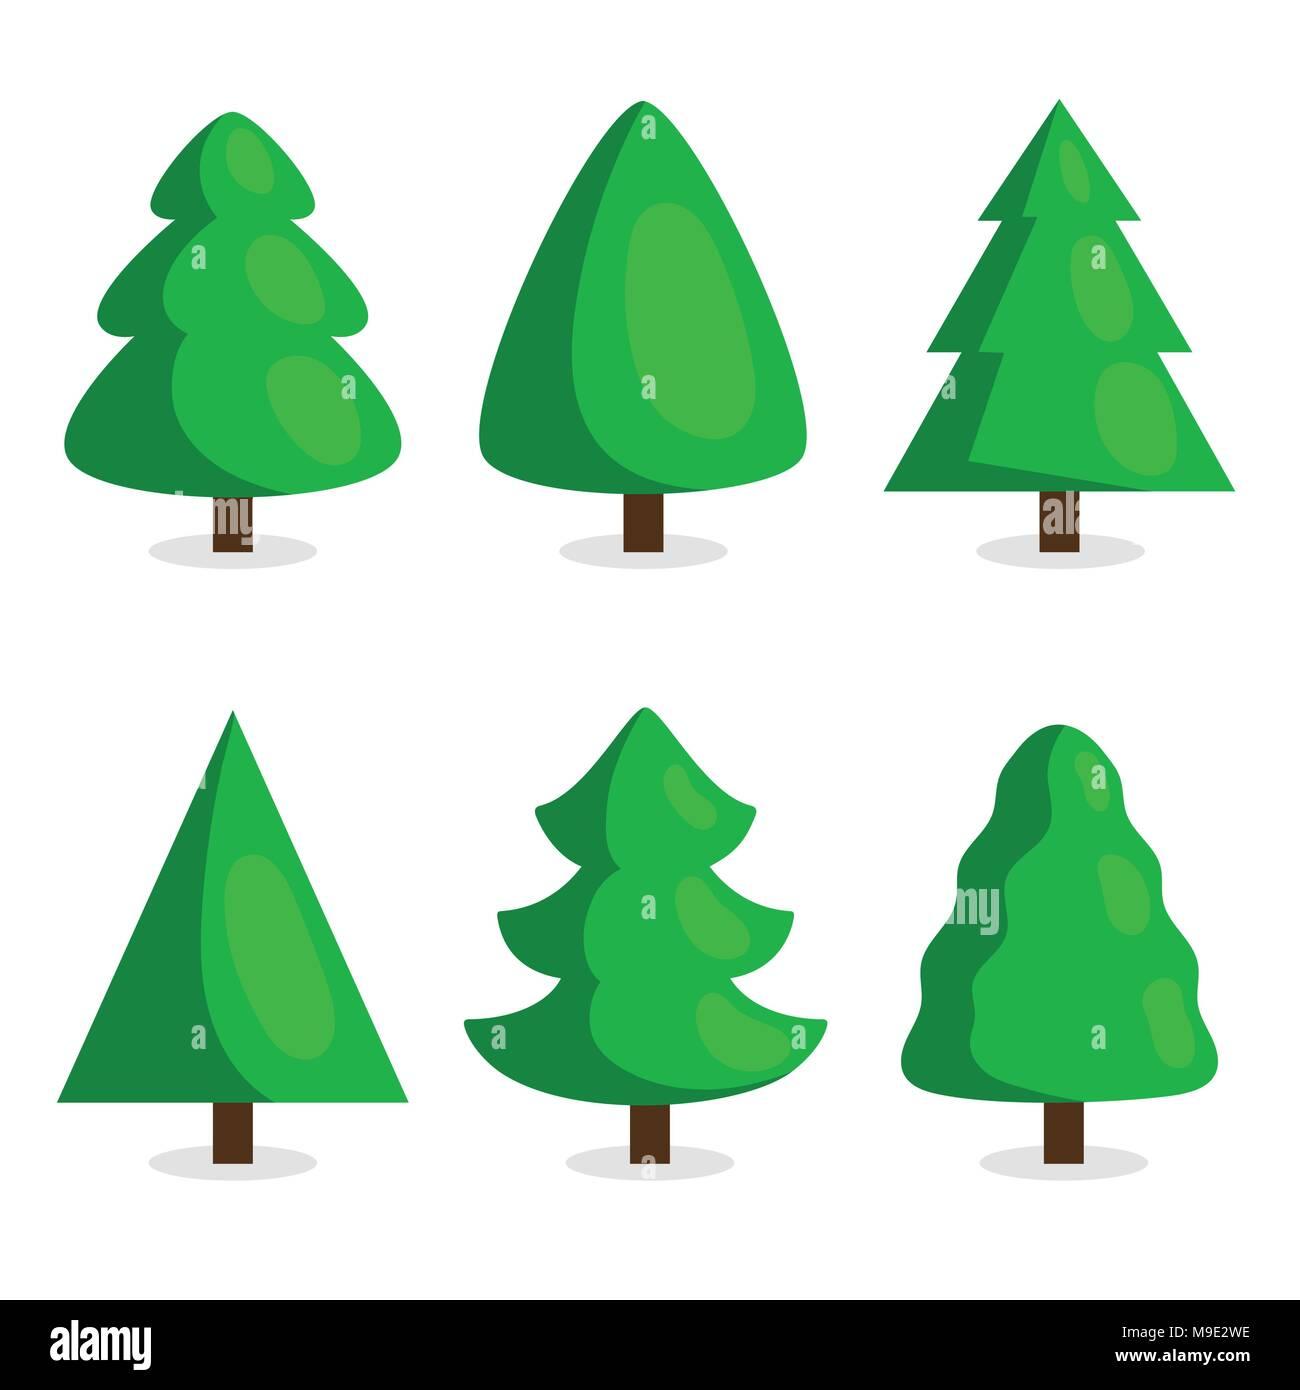 Fotos De Arboles De Navidad En Dibujos.Arbol De Navidad Verde En Estilo De Dibujos Animados